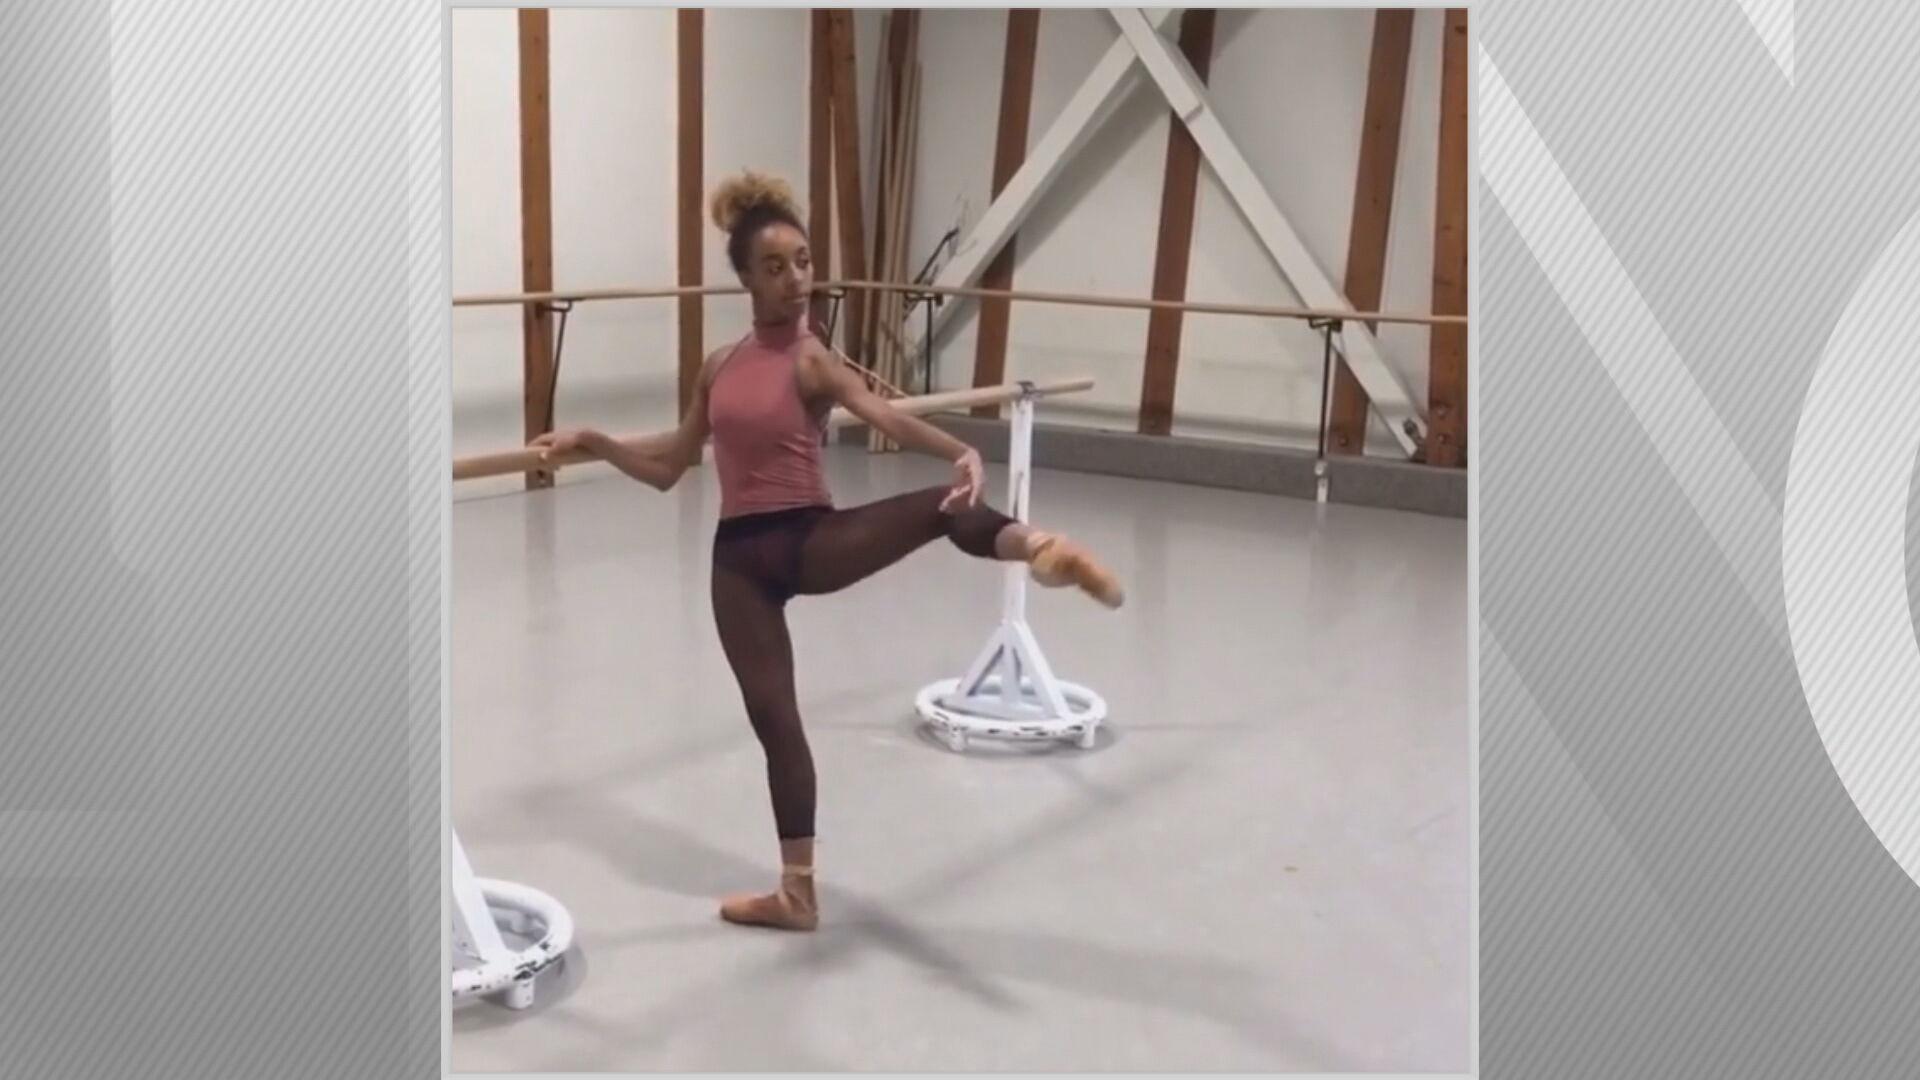 Bailarina francesa denuncia companhia de dança de racismo